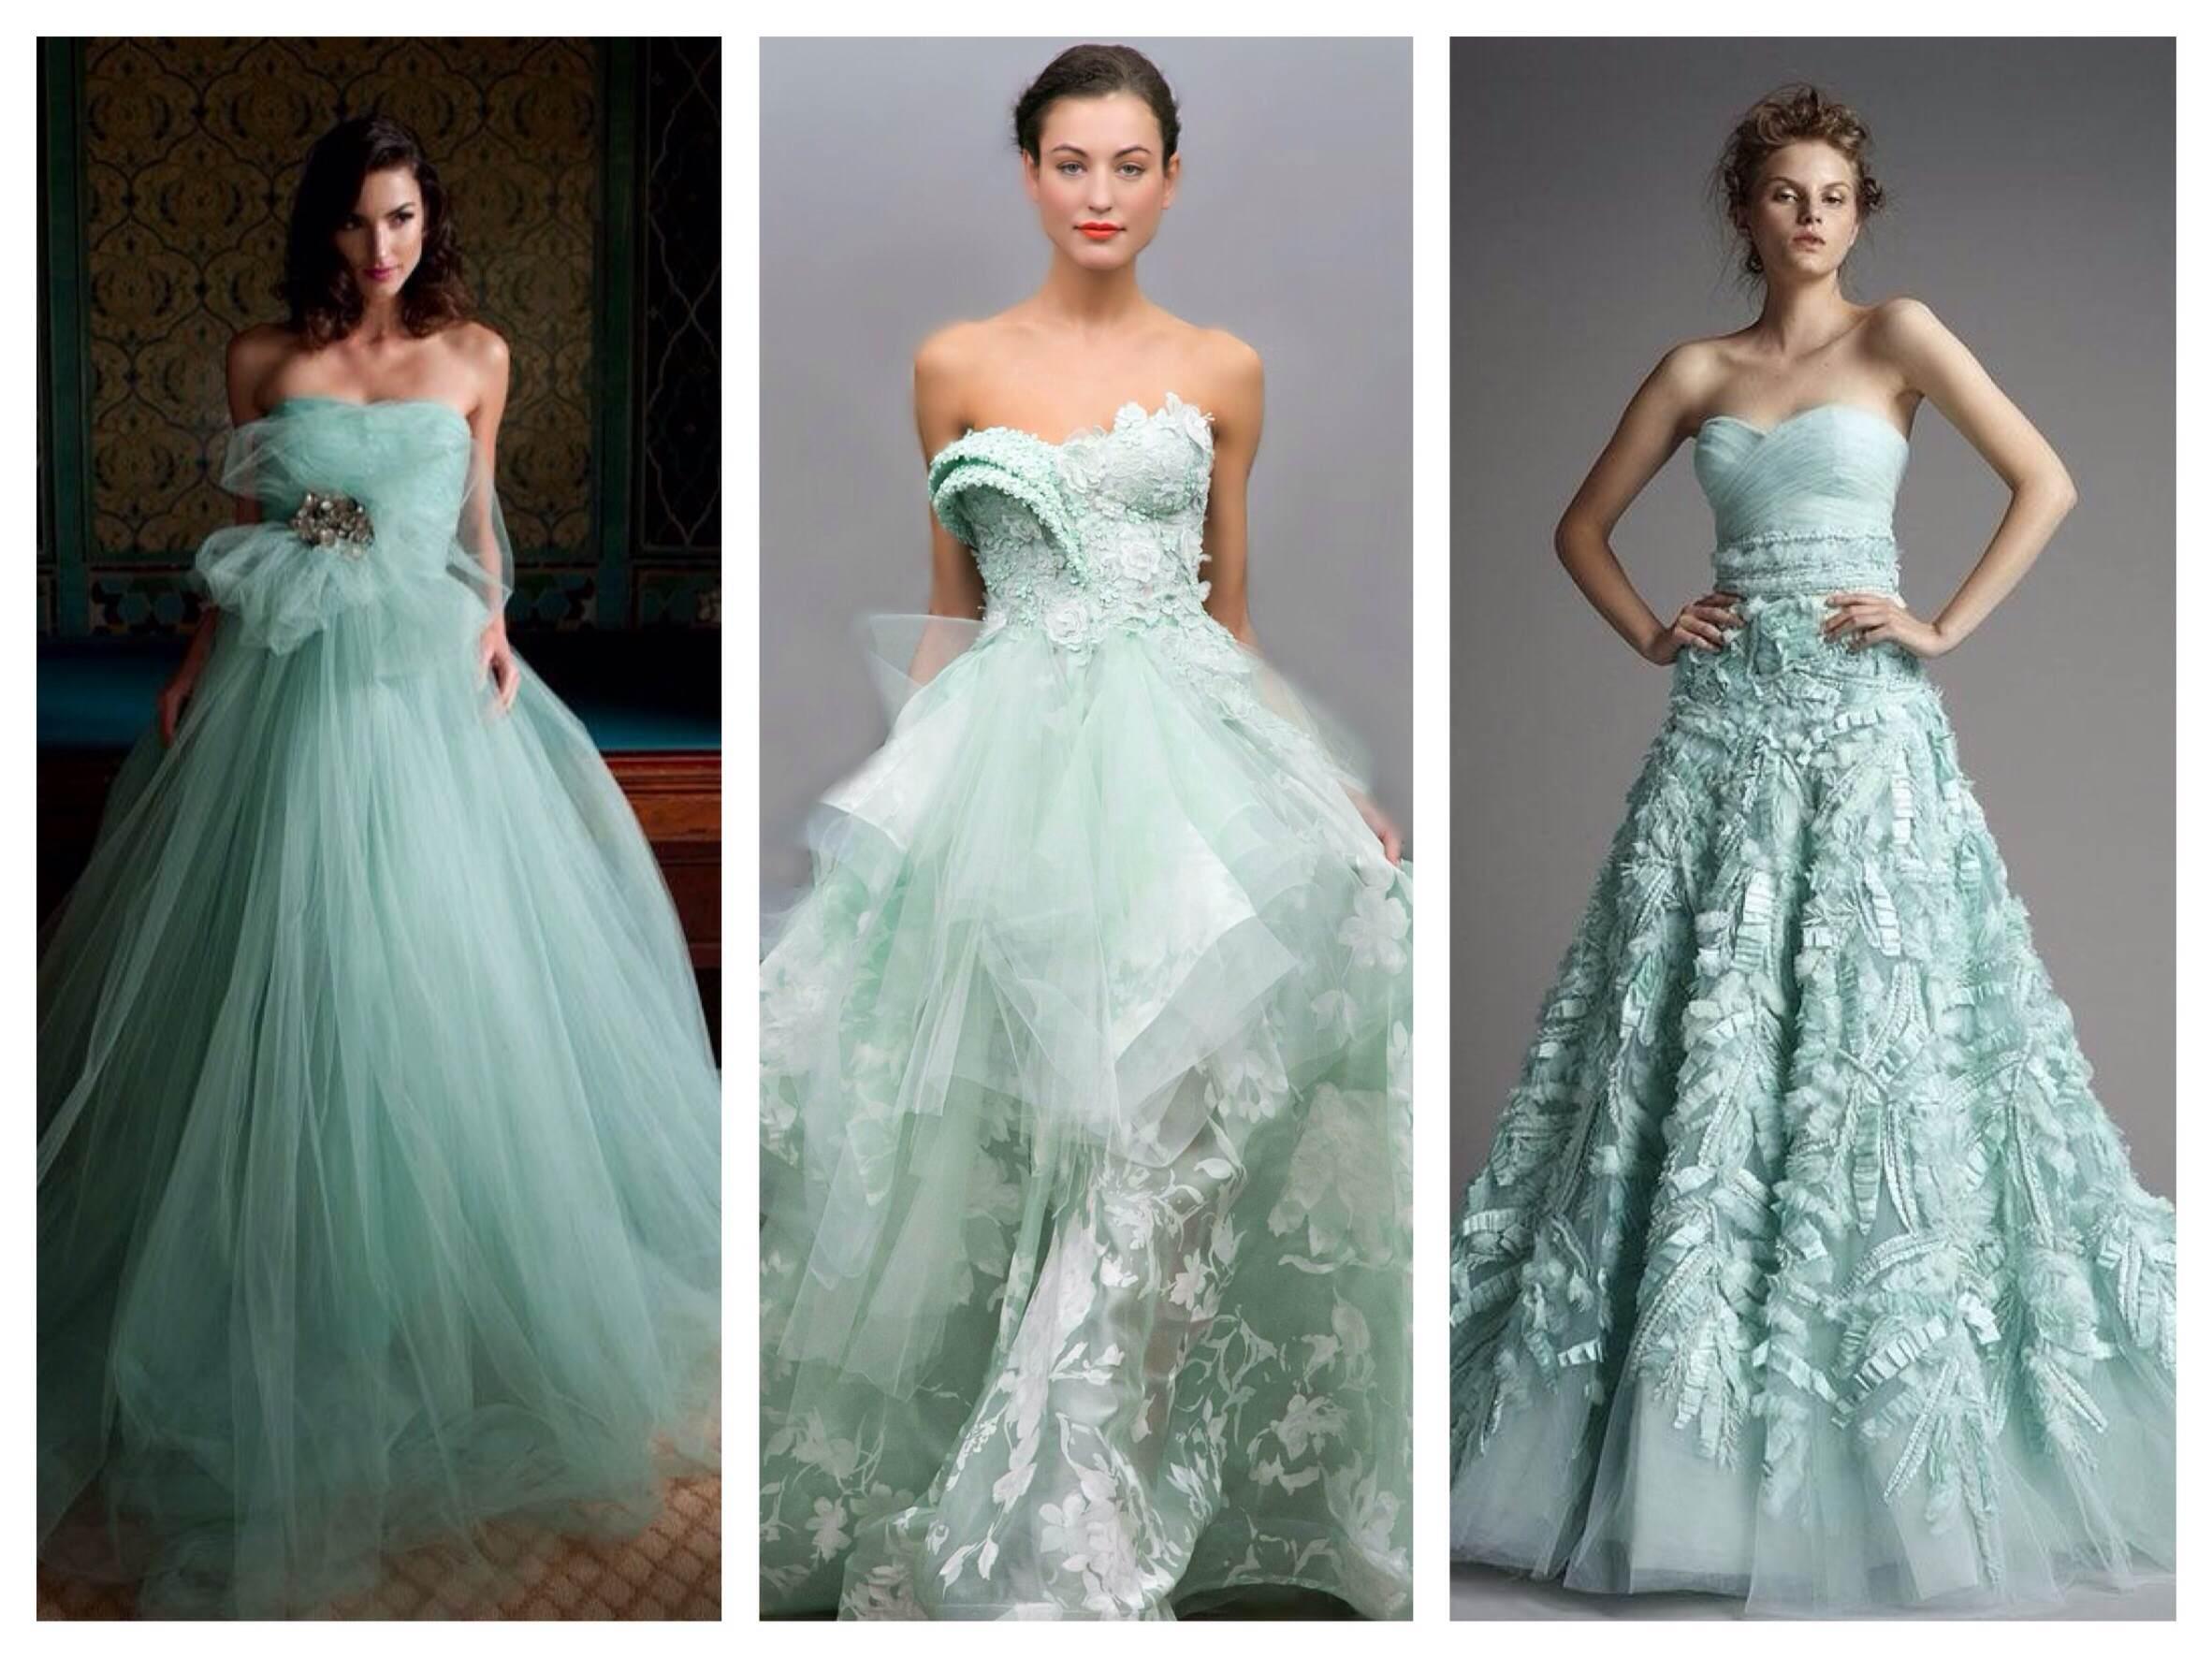 Прическу для мятного платья